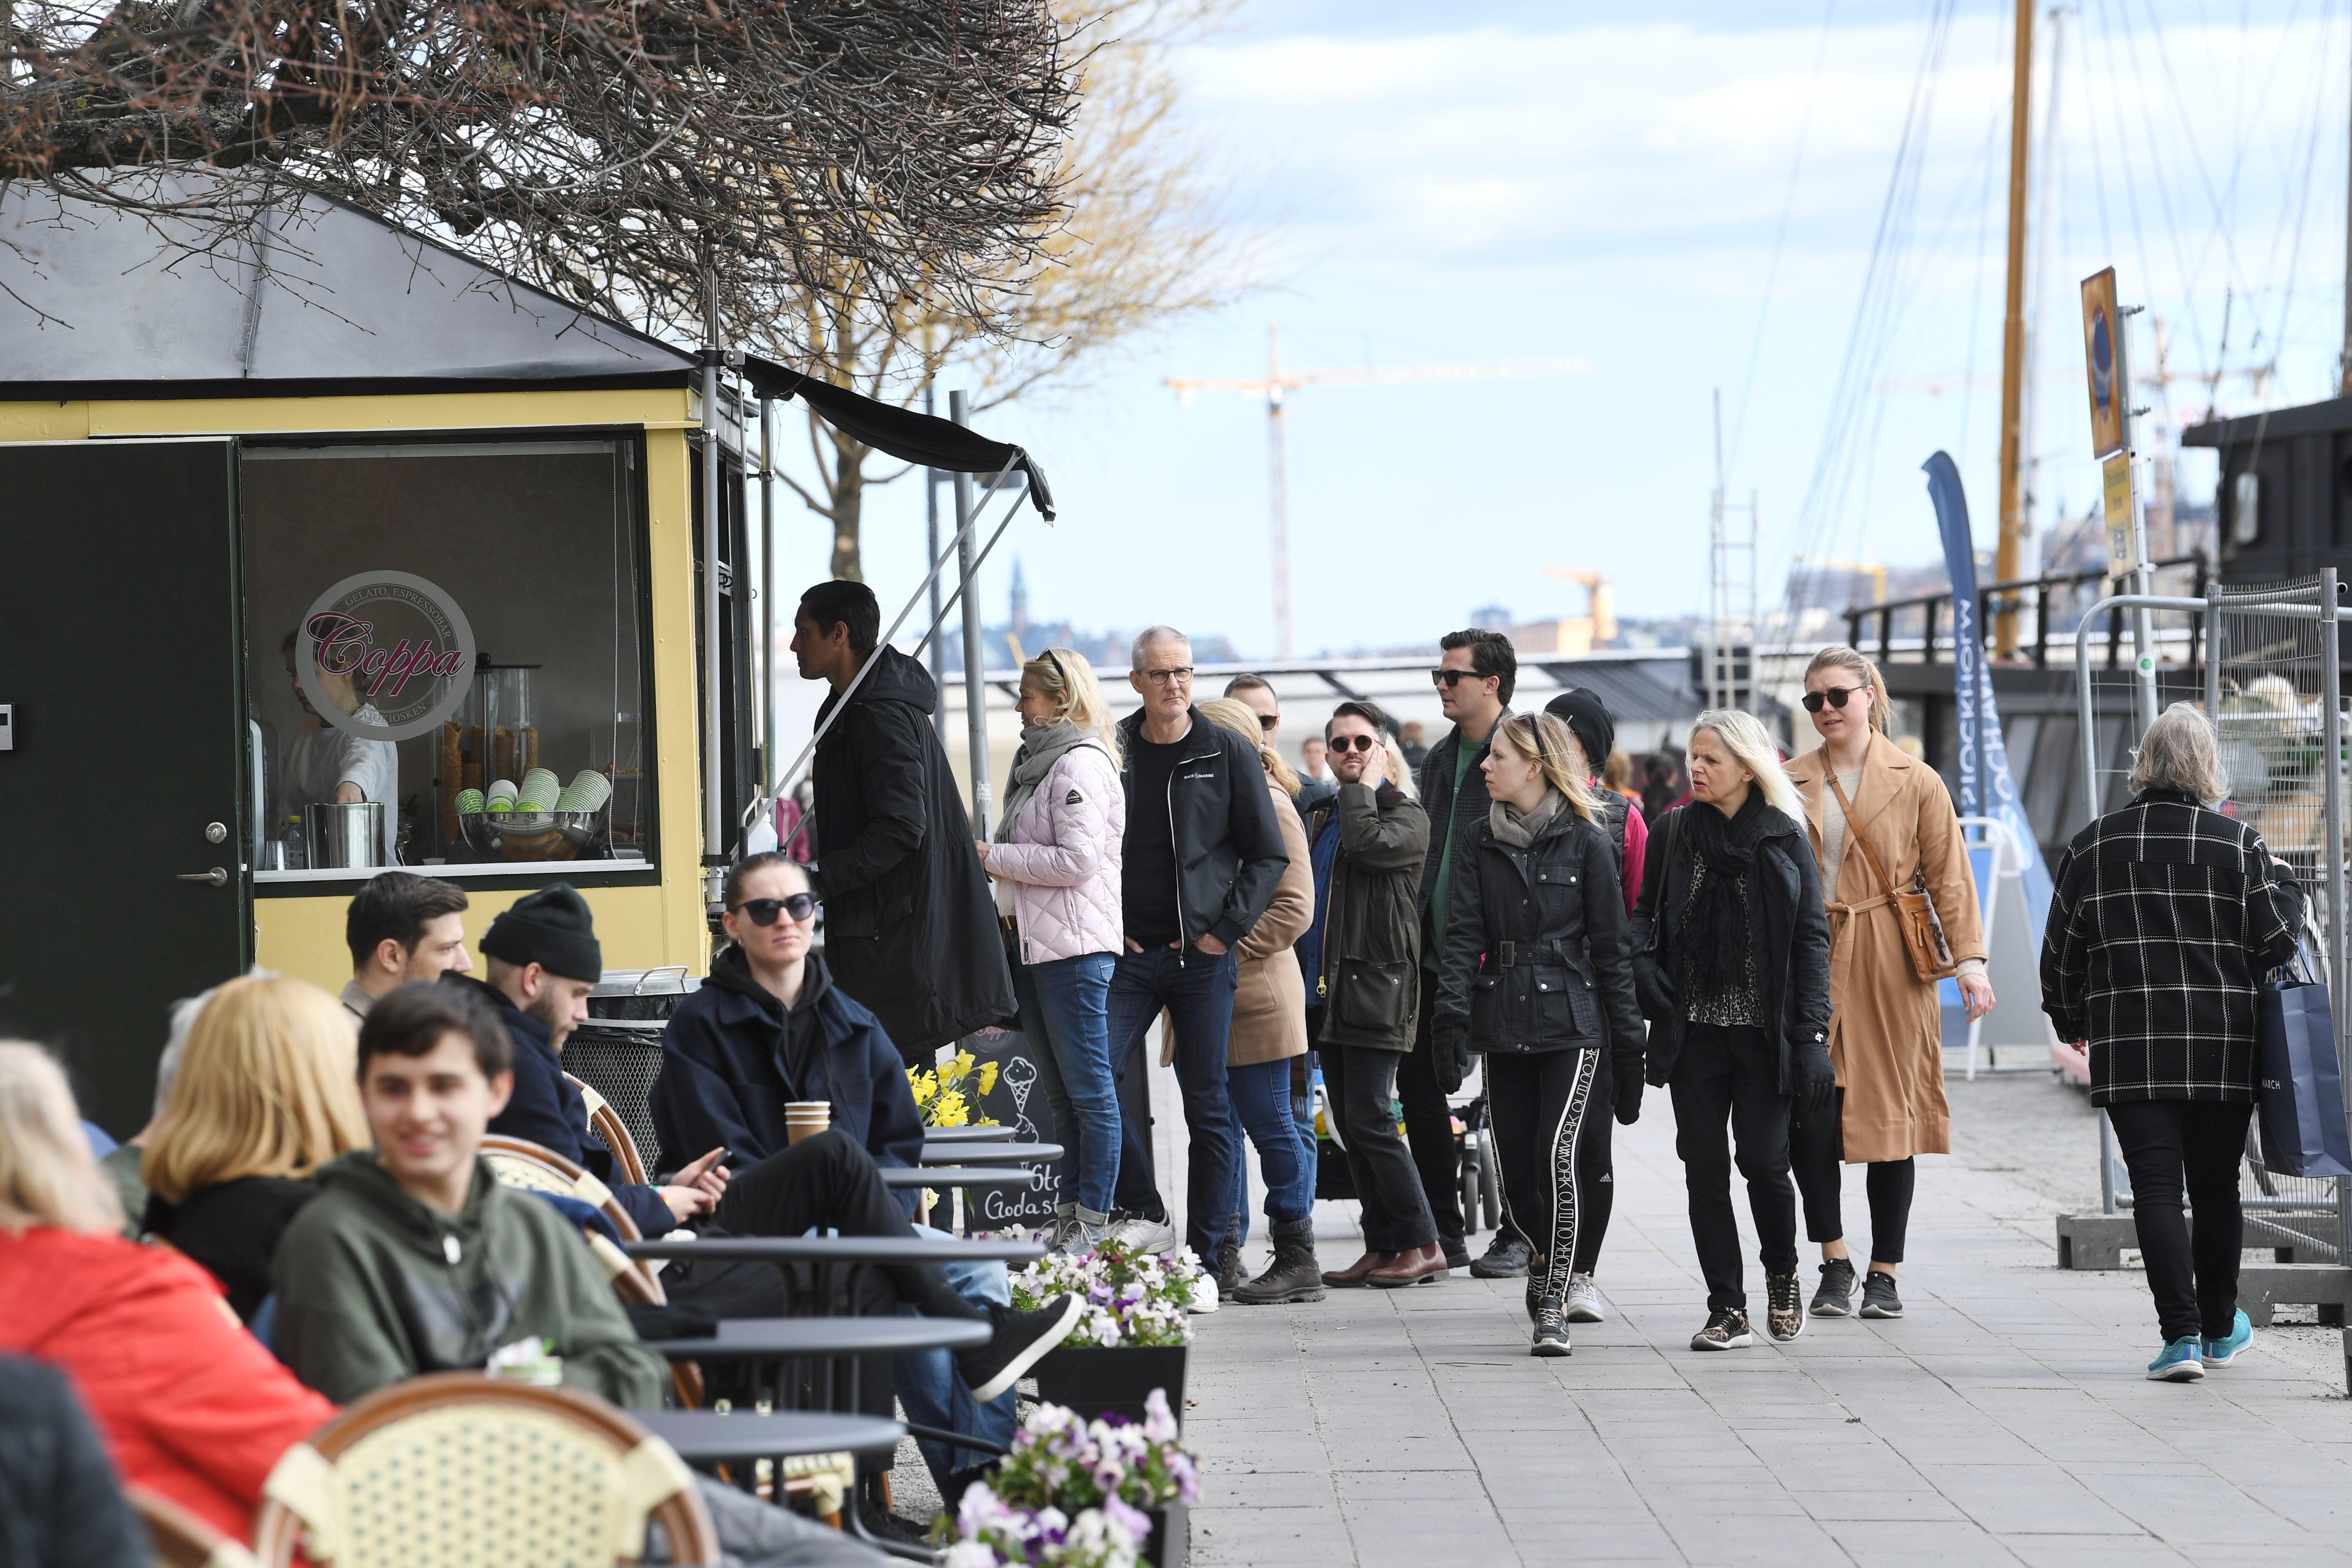 Suécia supera 3.000 mortes por coronavírus